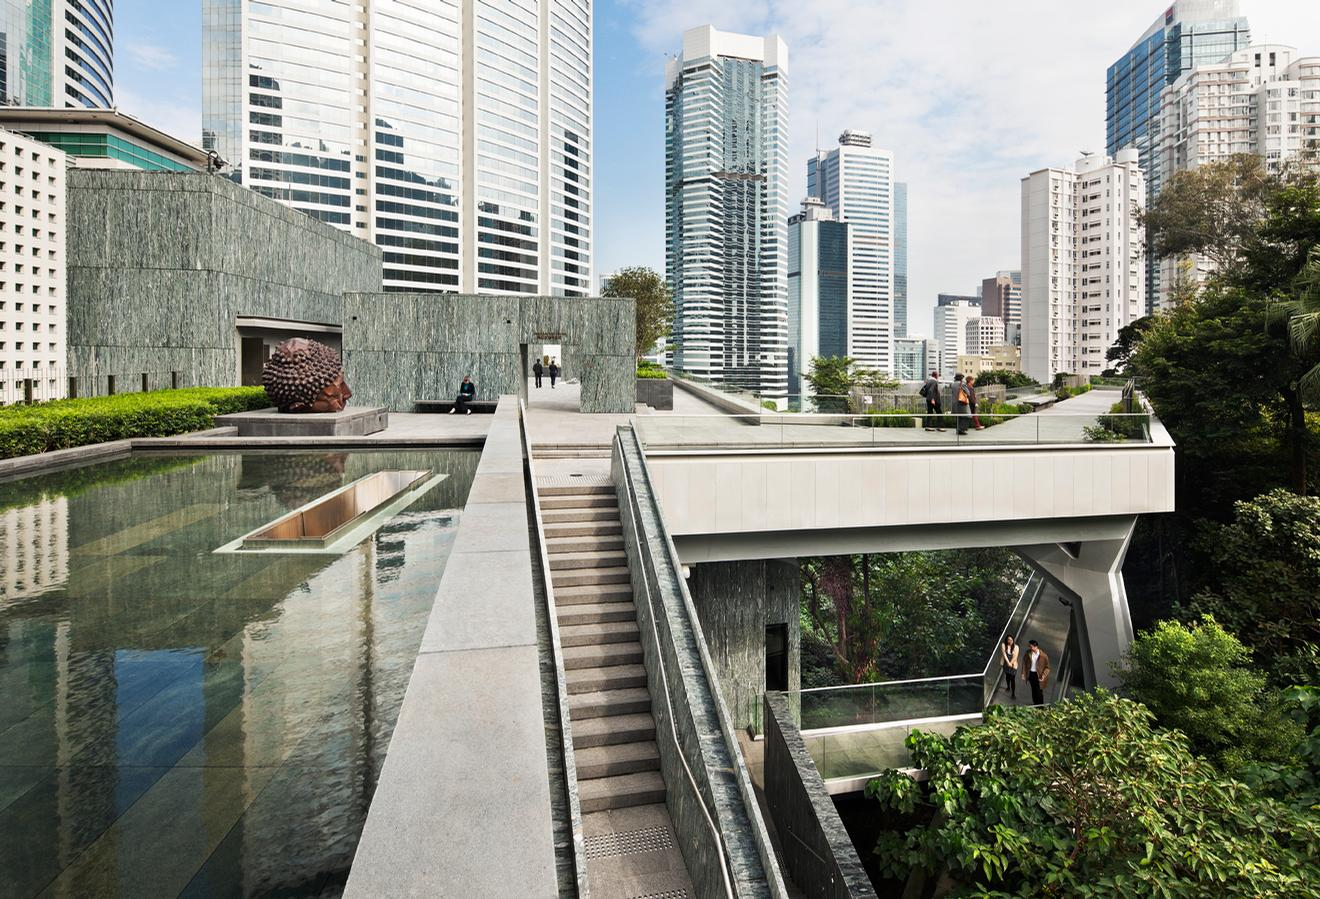 The Asia Society Hong Kong Center Admiralty, Hong Kong / Michael Moran